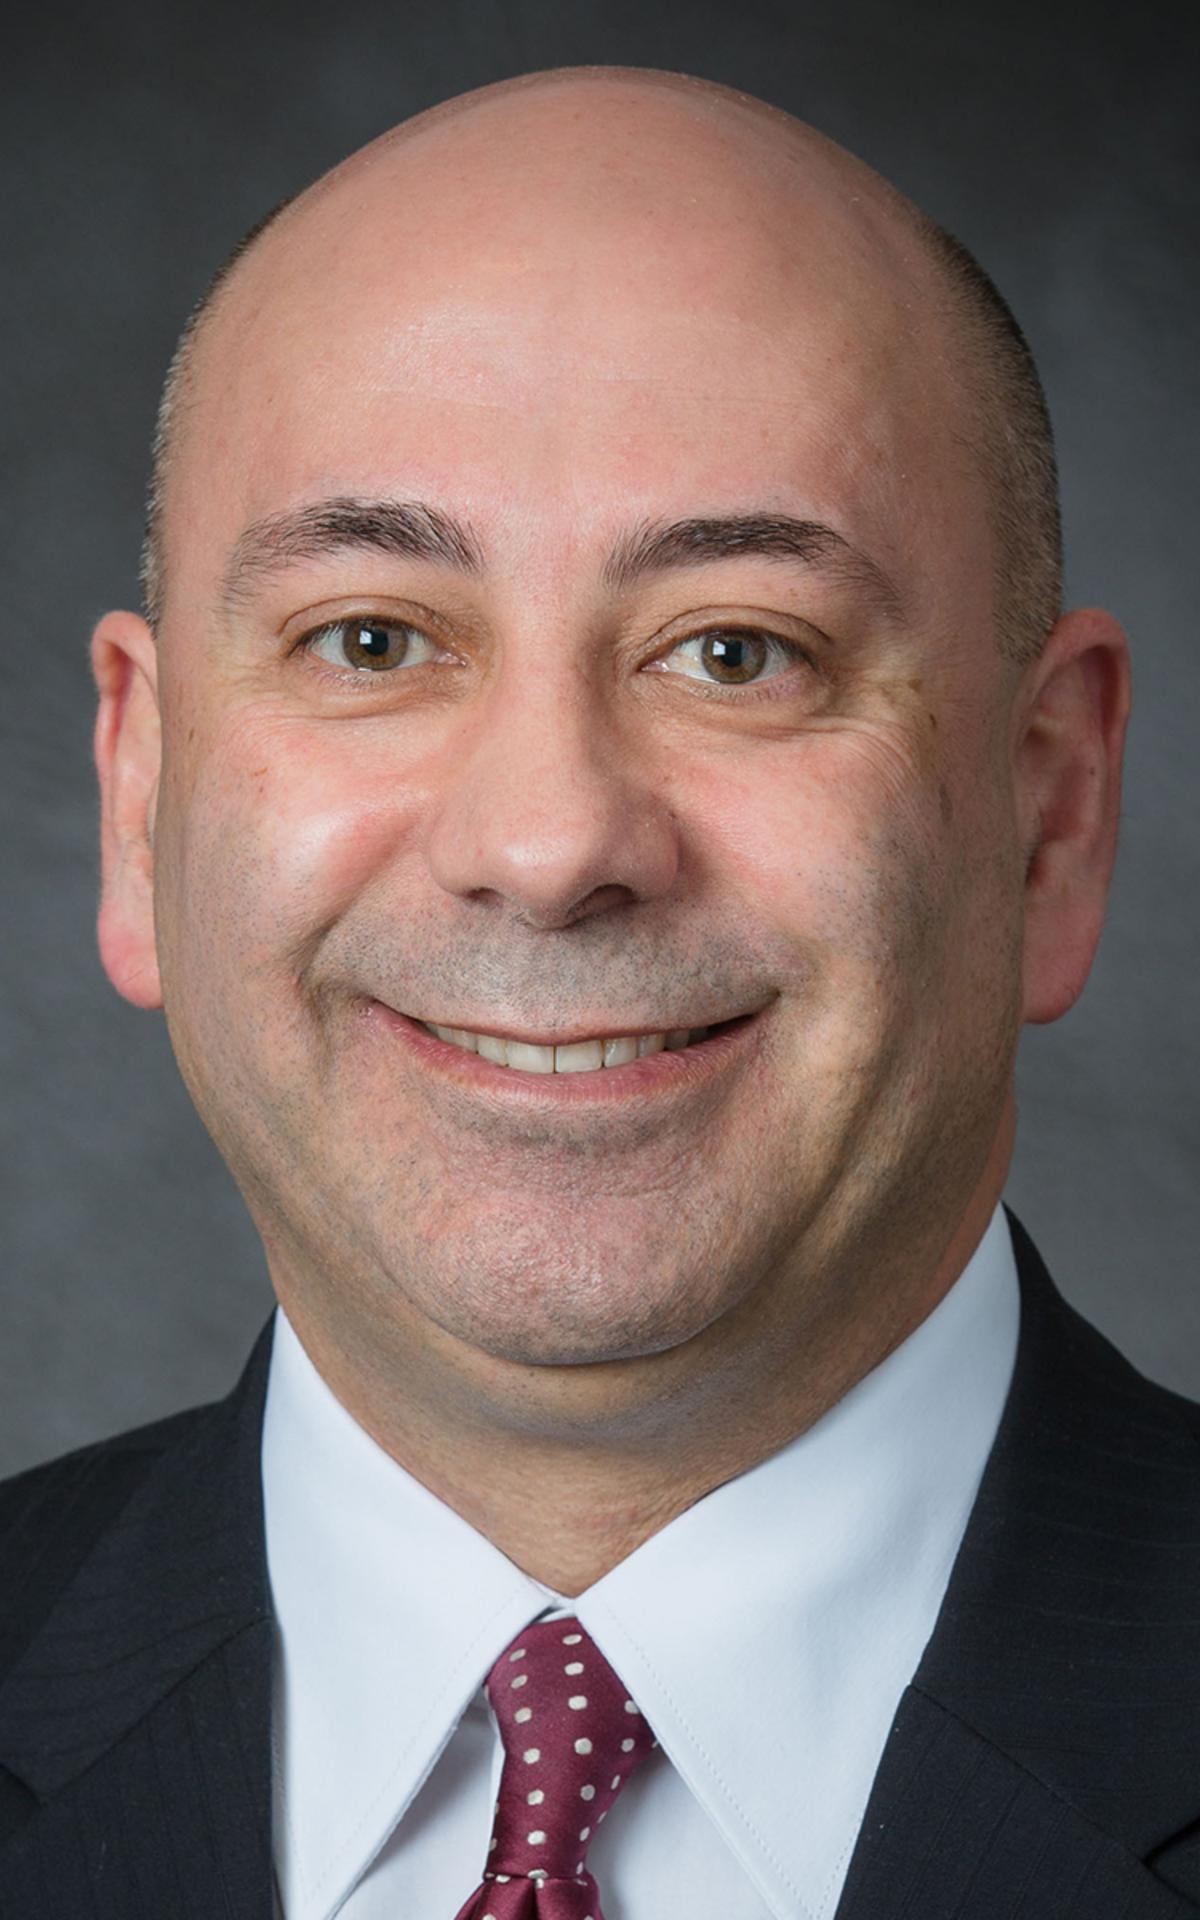 Elder Joaquim J. Moreira